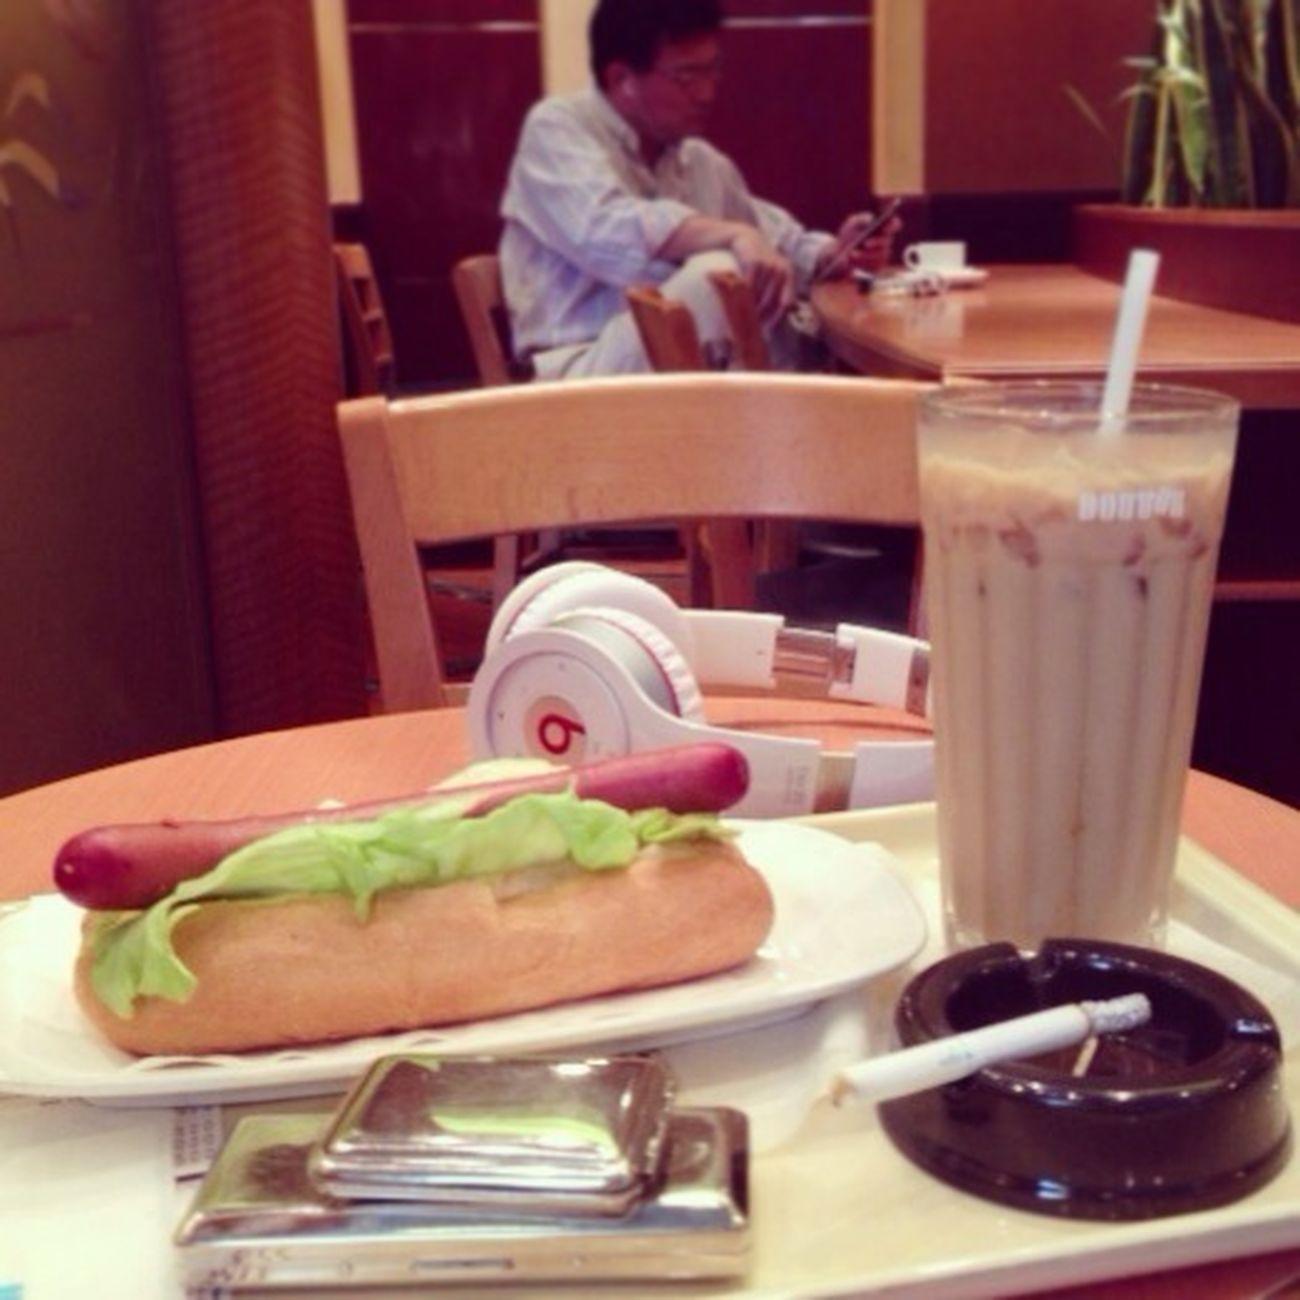 暑いので、カフェに逃げ込んできて。 太熱了,躲進珈琲館。